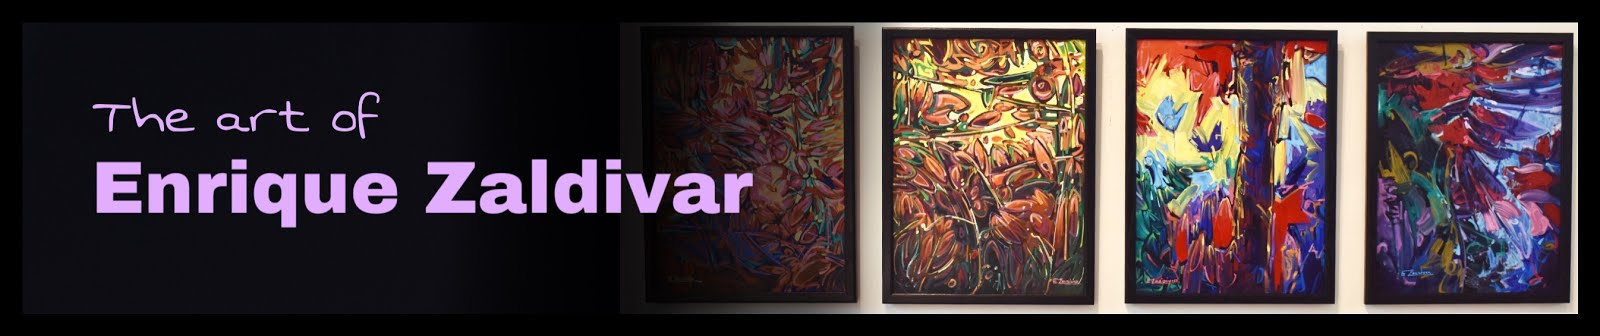 The art of Enrique Zaldivar